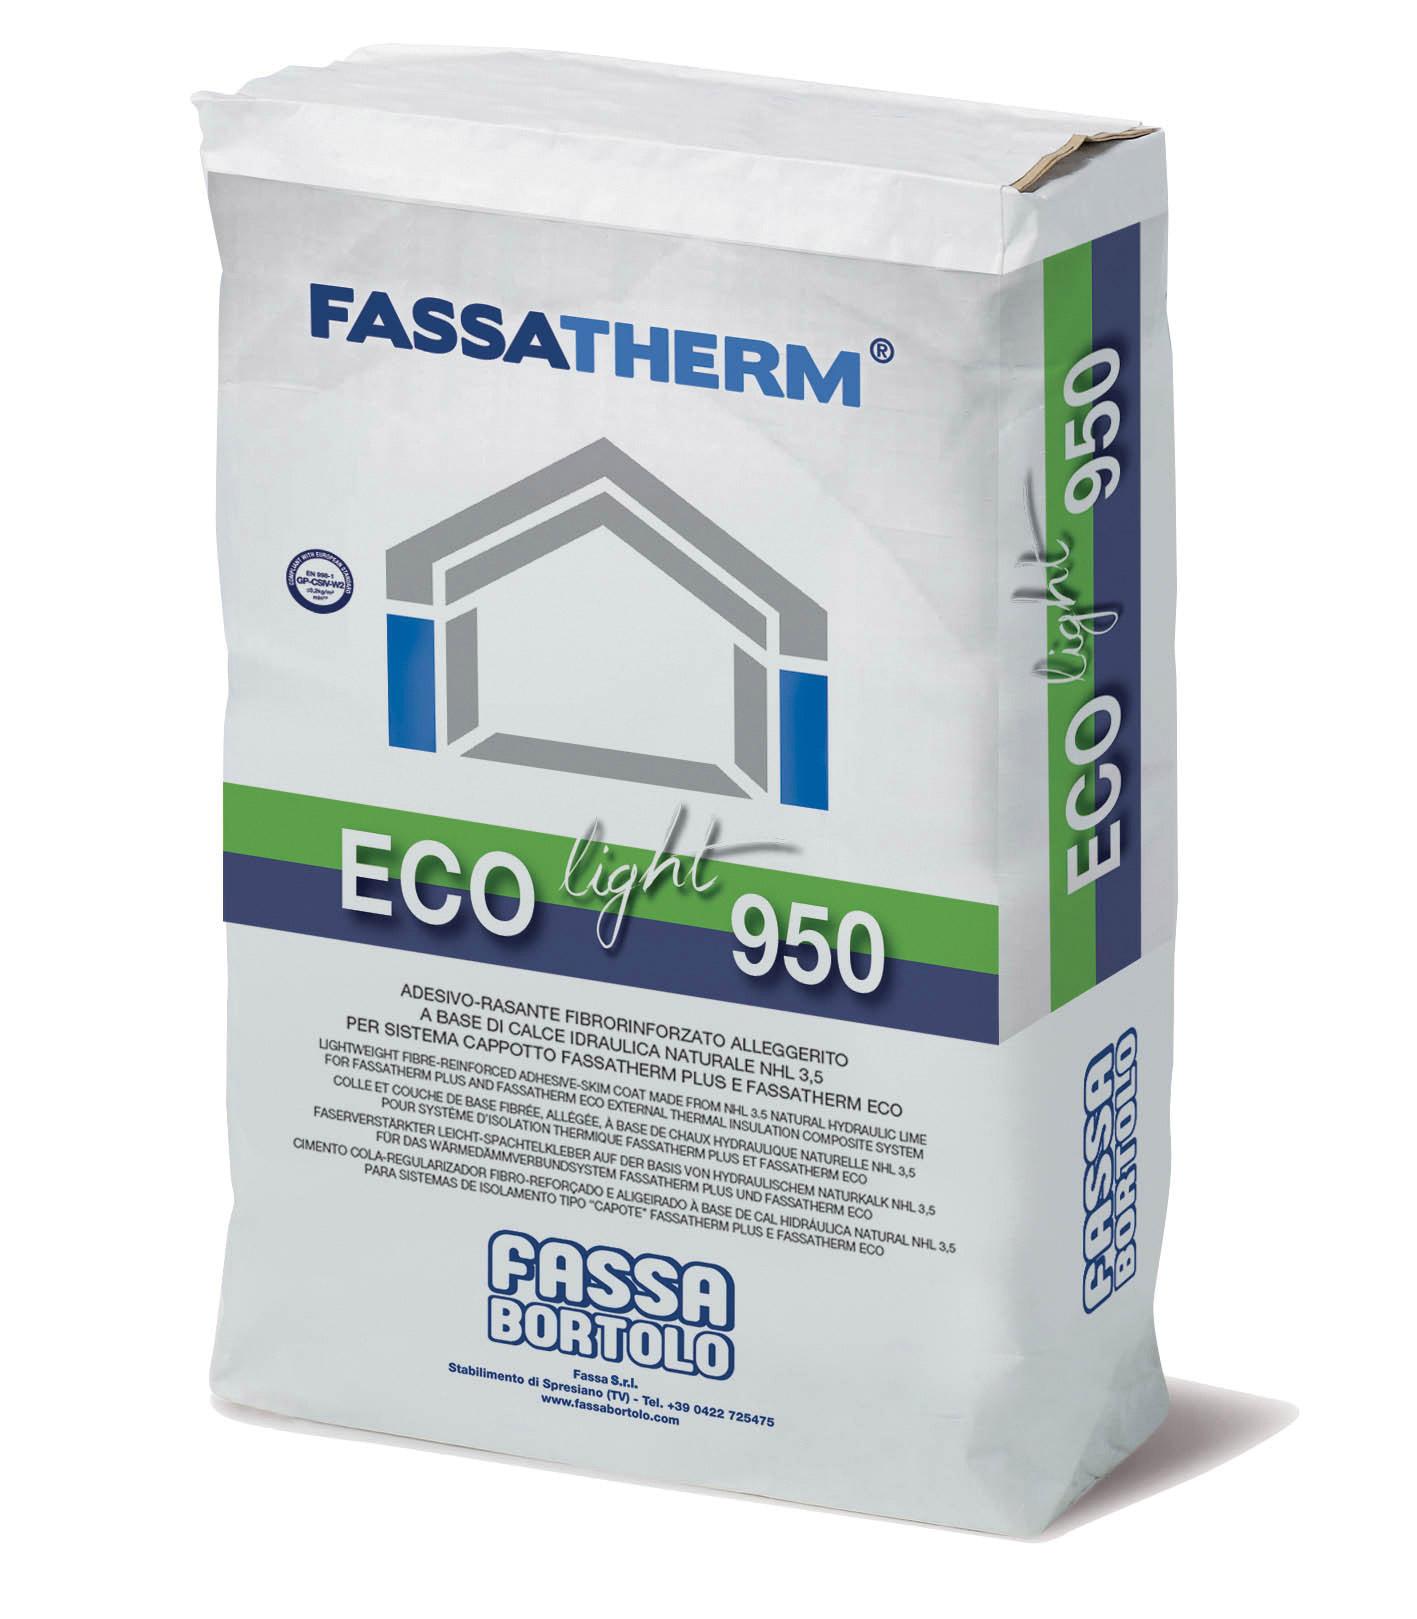 ECO-LIGHT 950: Colle et couche de base fibrée, allégée, à base de chaux hydraulique naturelle NHL 3,5, pour Système d'Isolation thermique par l'Extérieur Fassatherm PLUS et Fassatherm ECO